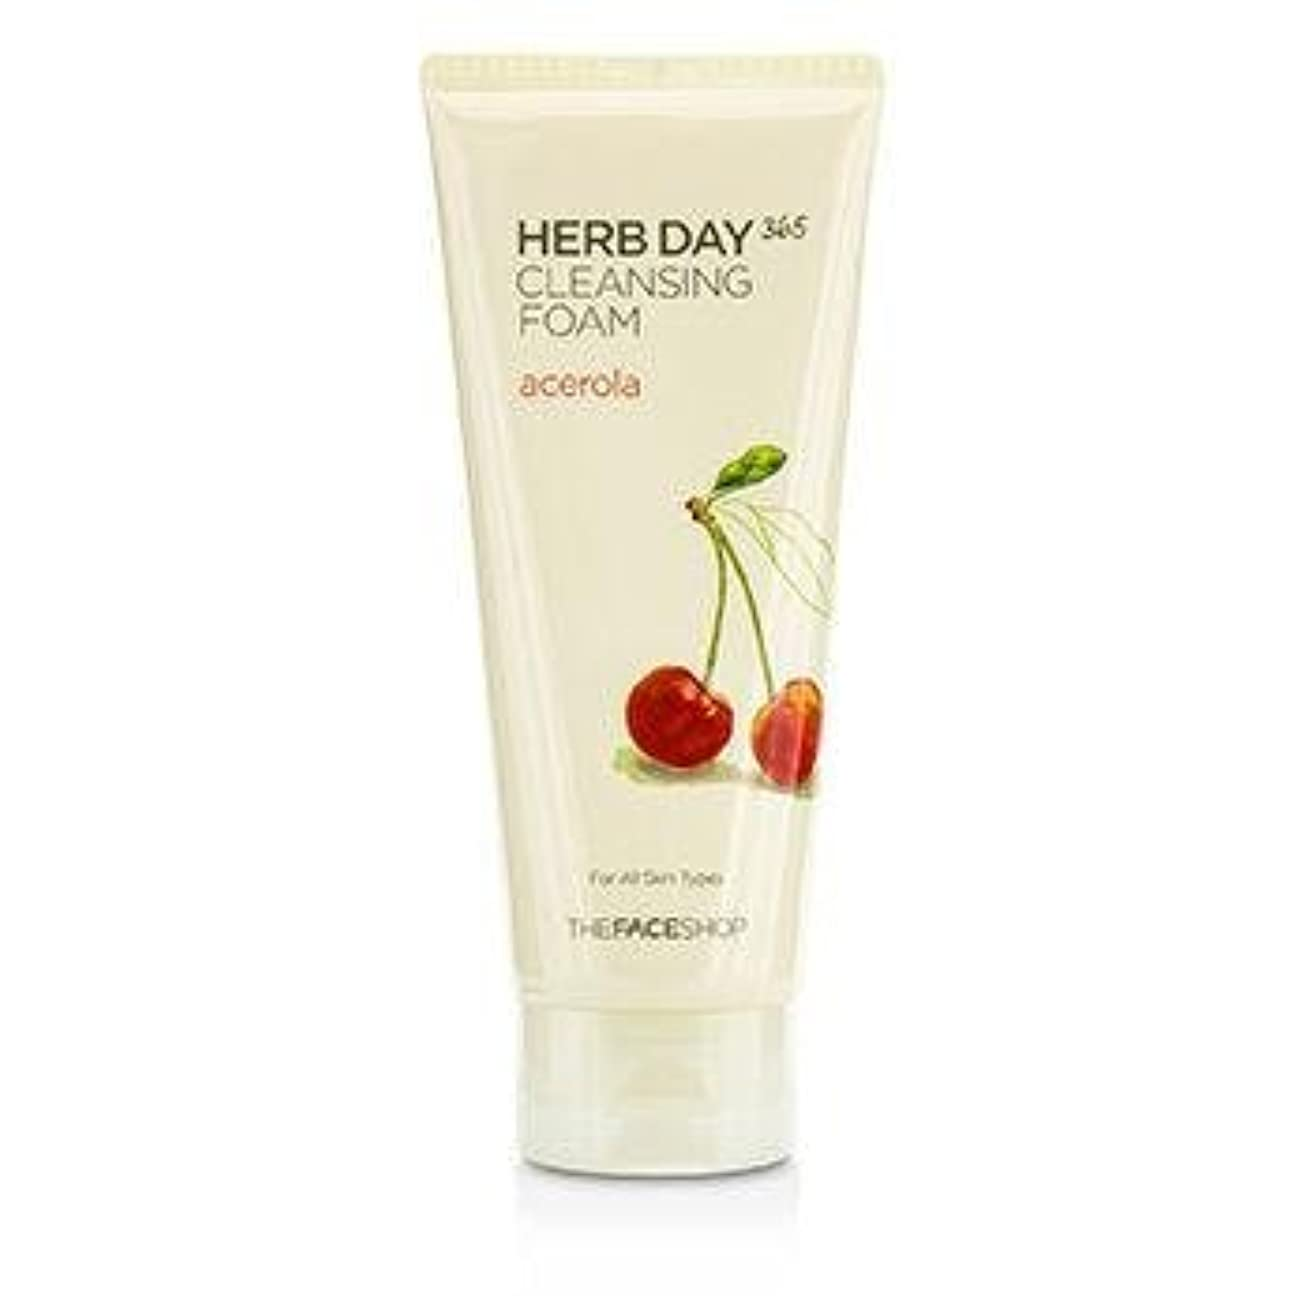 ネクタイ人質オアシスTHE FACE SHOP Herb Day 365 Cleansing Foam Acerola (並行輸入品)